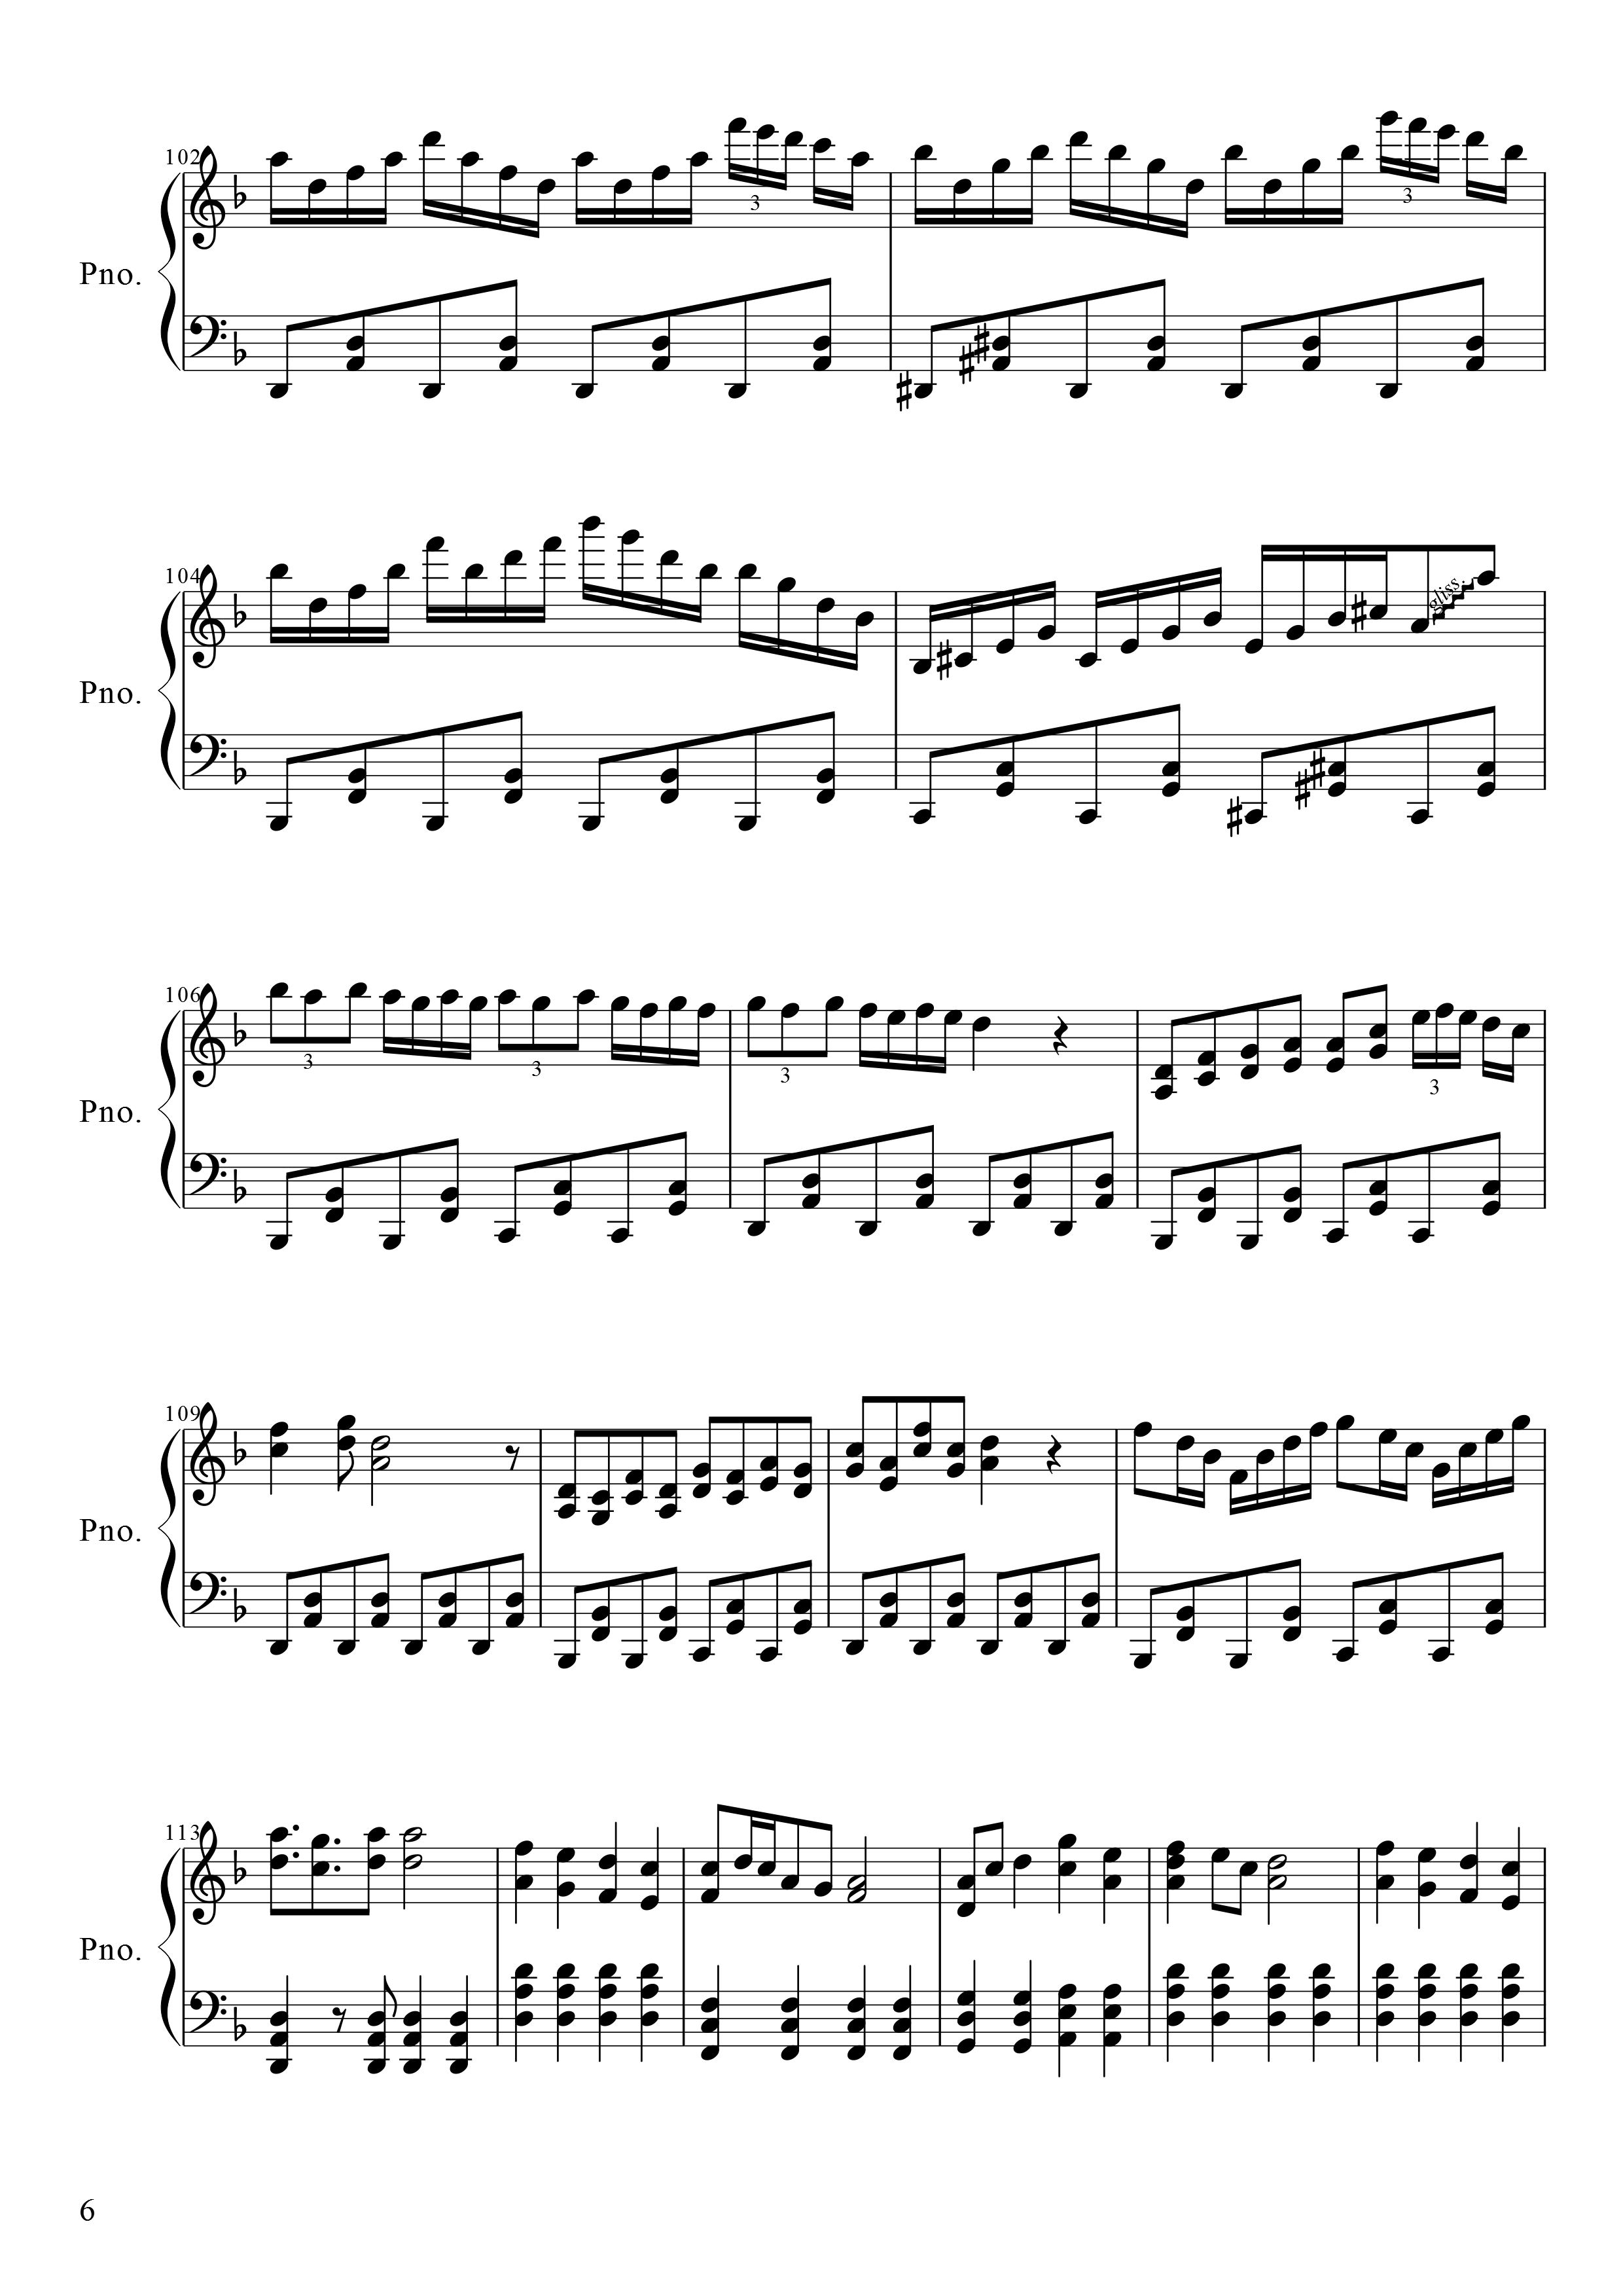 千本桜-6